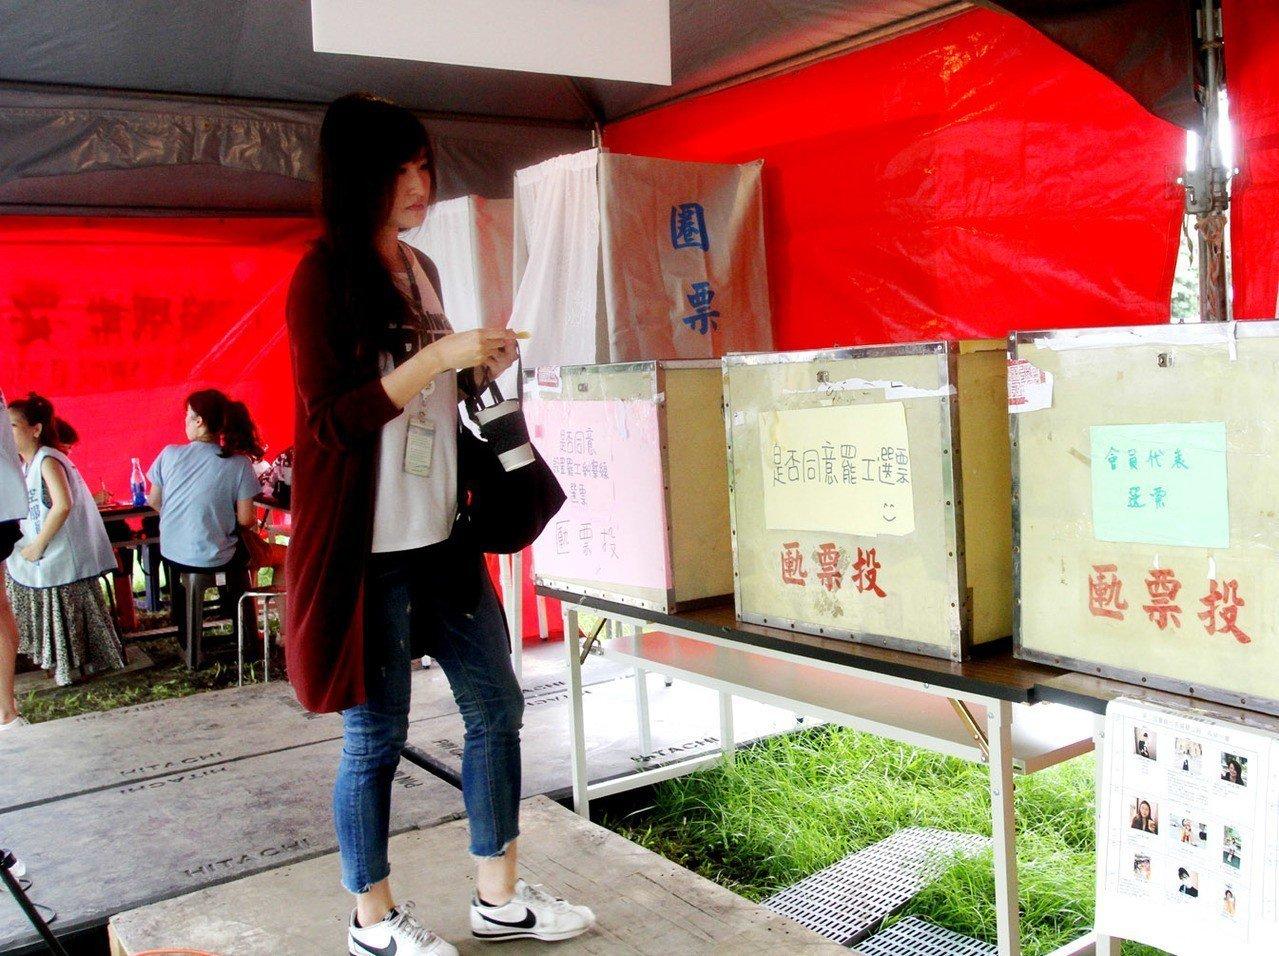 長榮空姐桃園罷工投票結束 1500人投票等待勞資協商